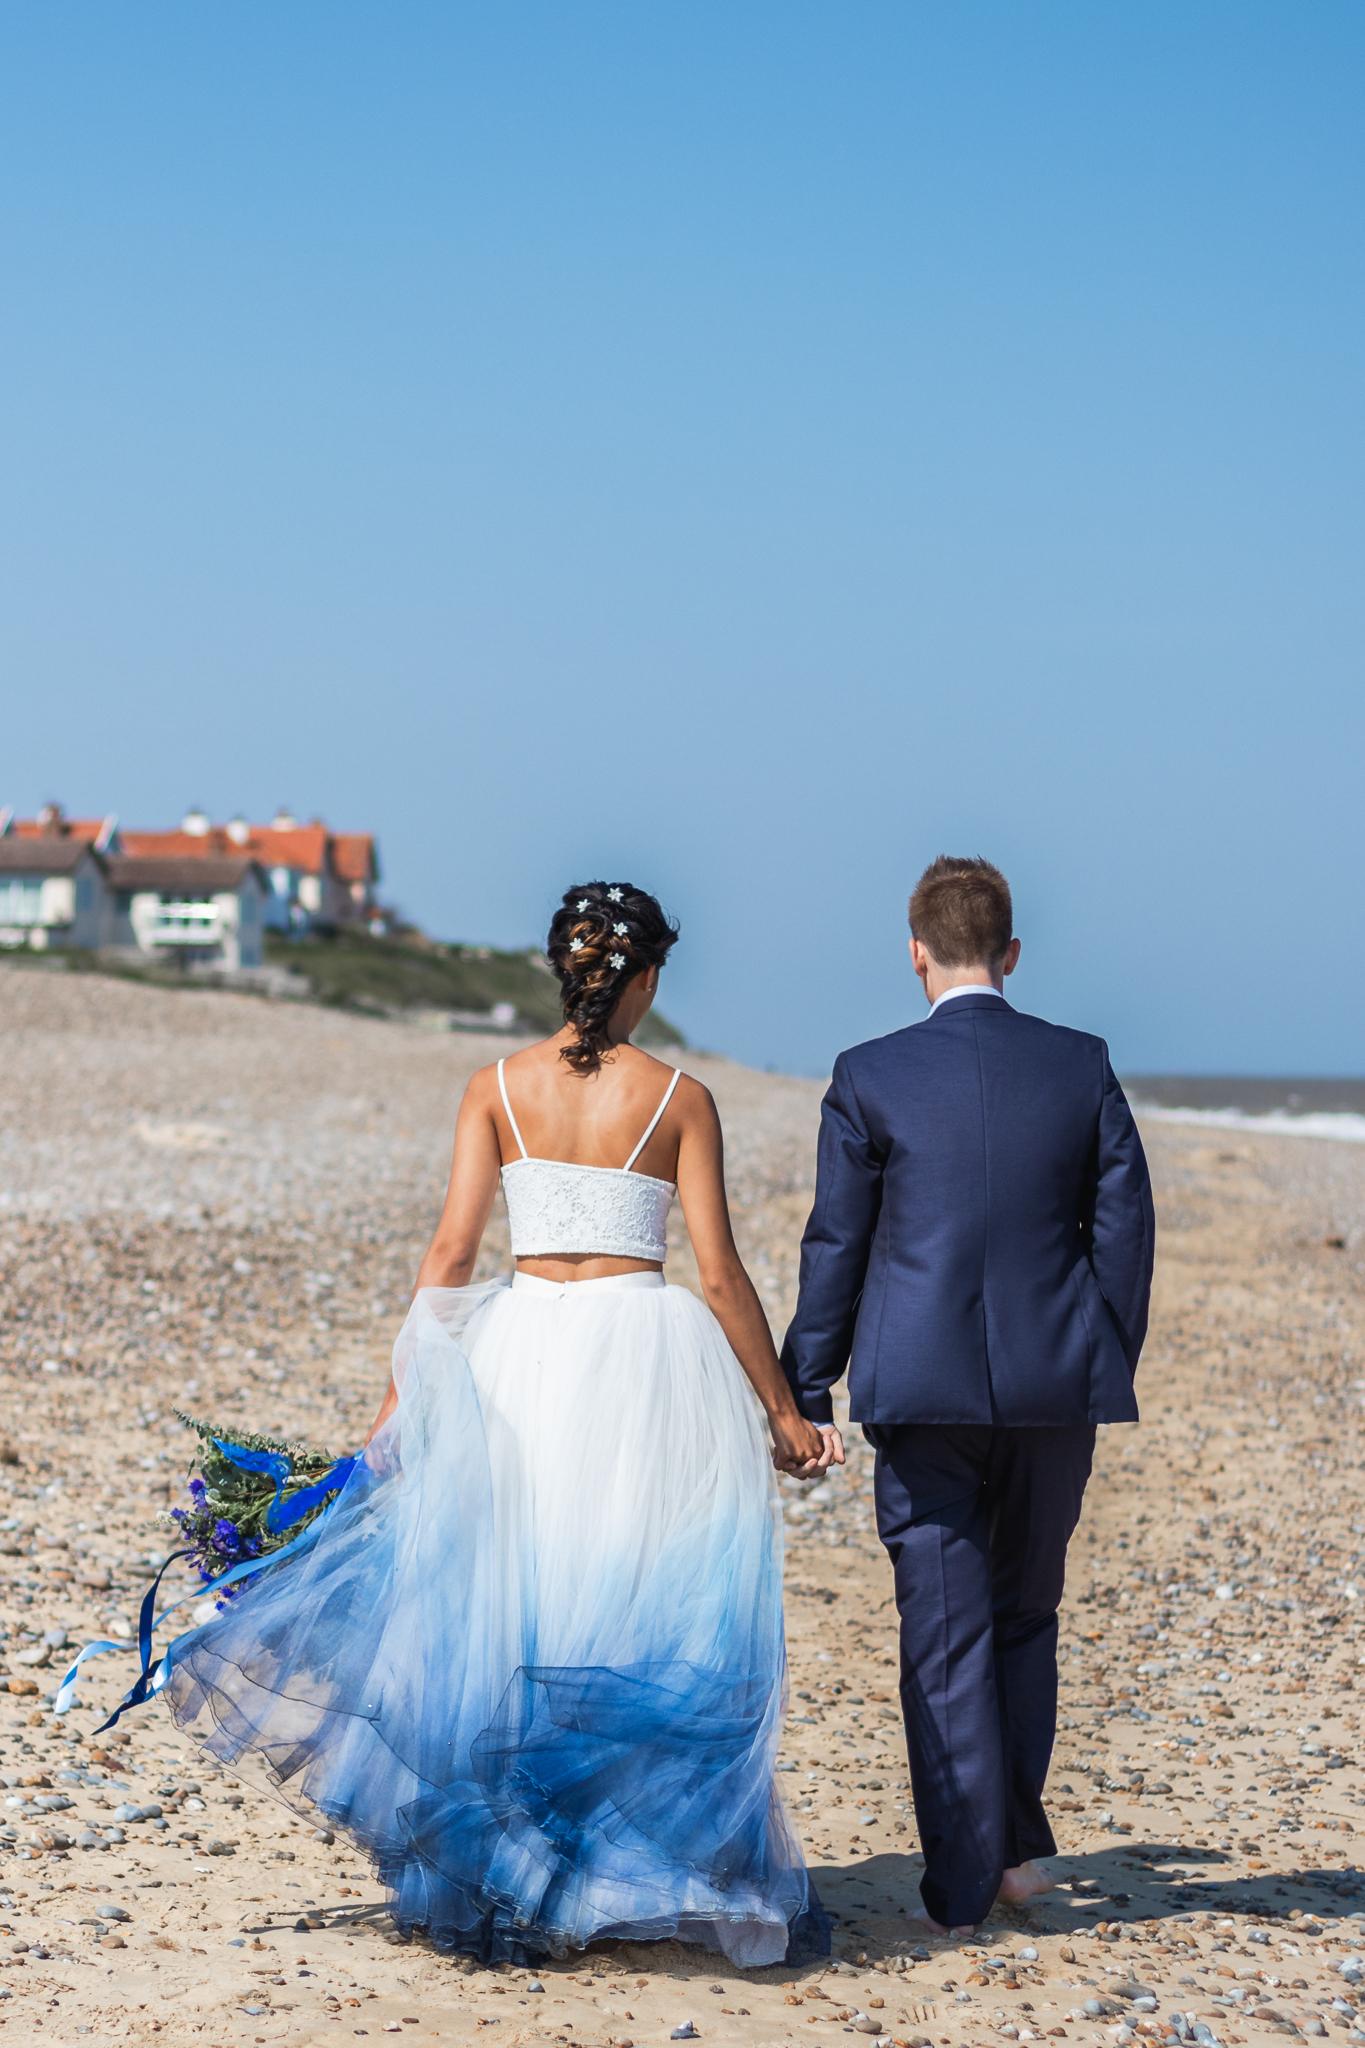 Bond Photography Beach Wedding Styled Shoot Bedfordshire Wedding Photographers